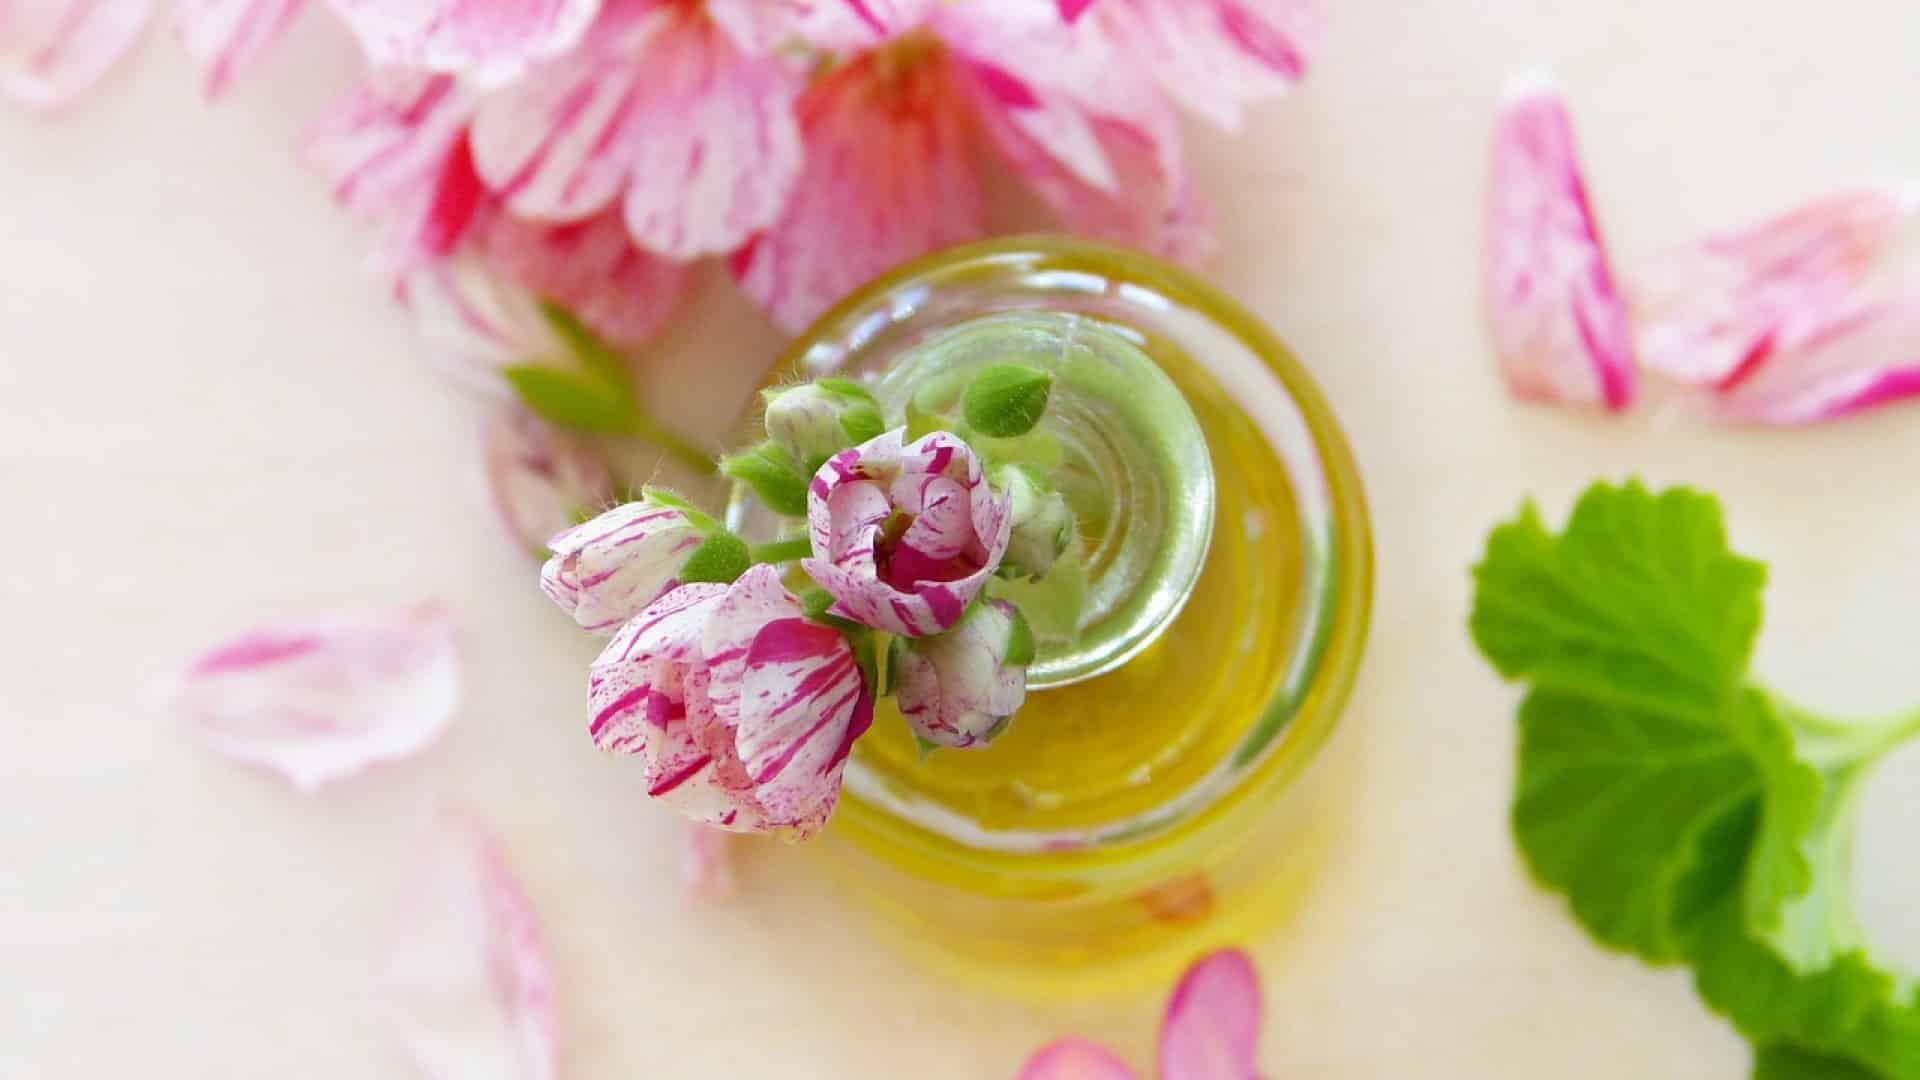 Tous les bienfaits de l'huile essentielle de palmarosa